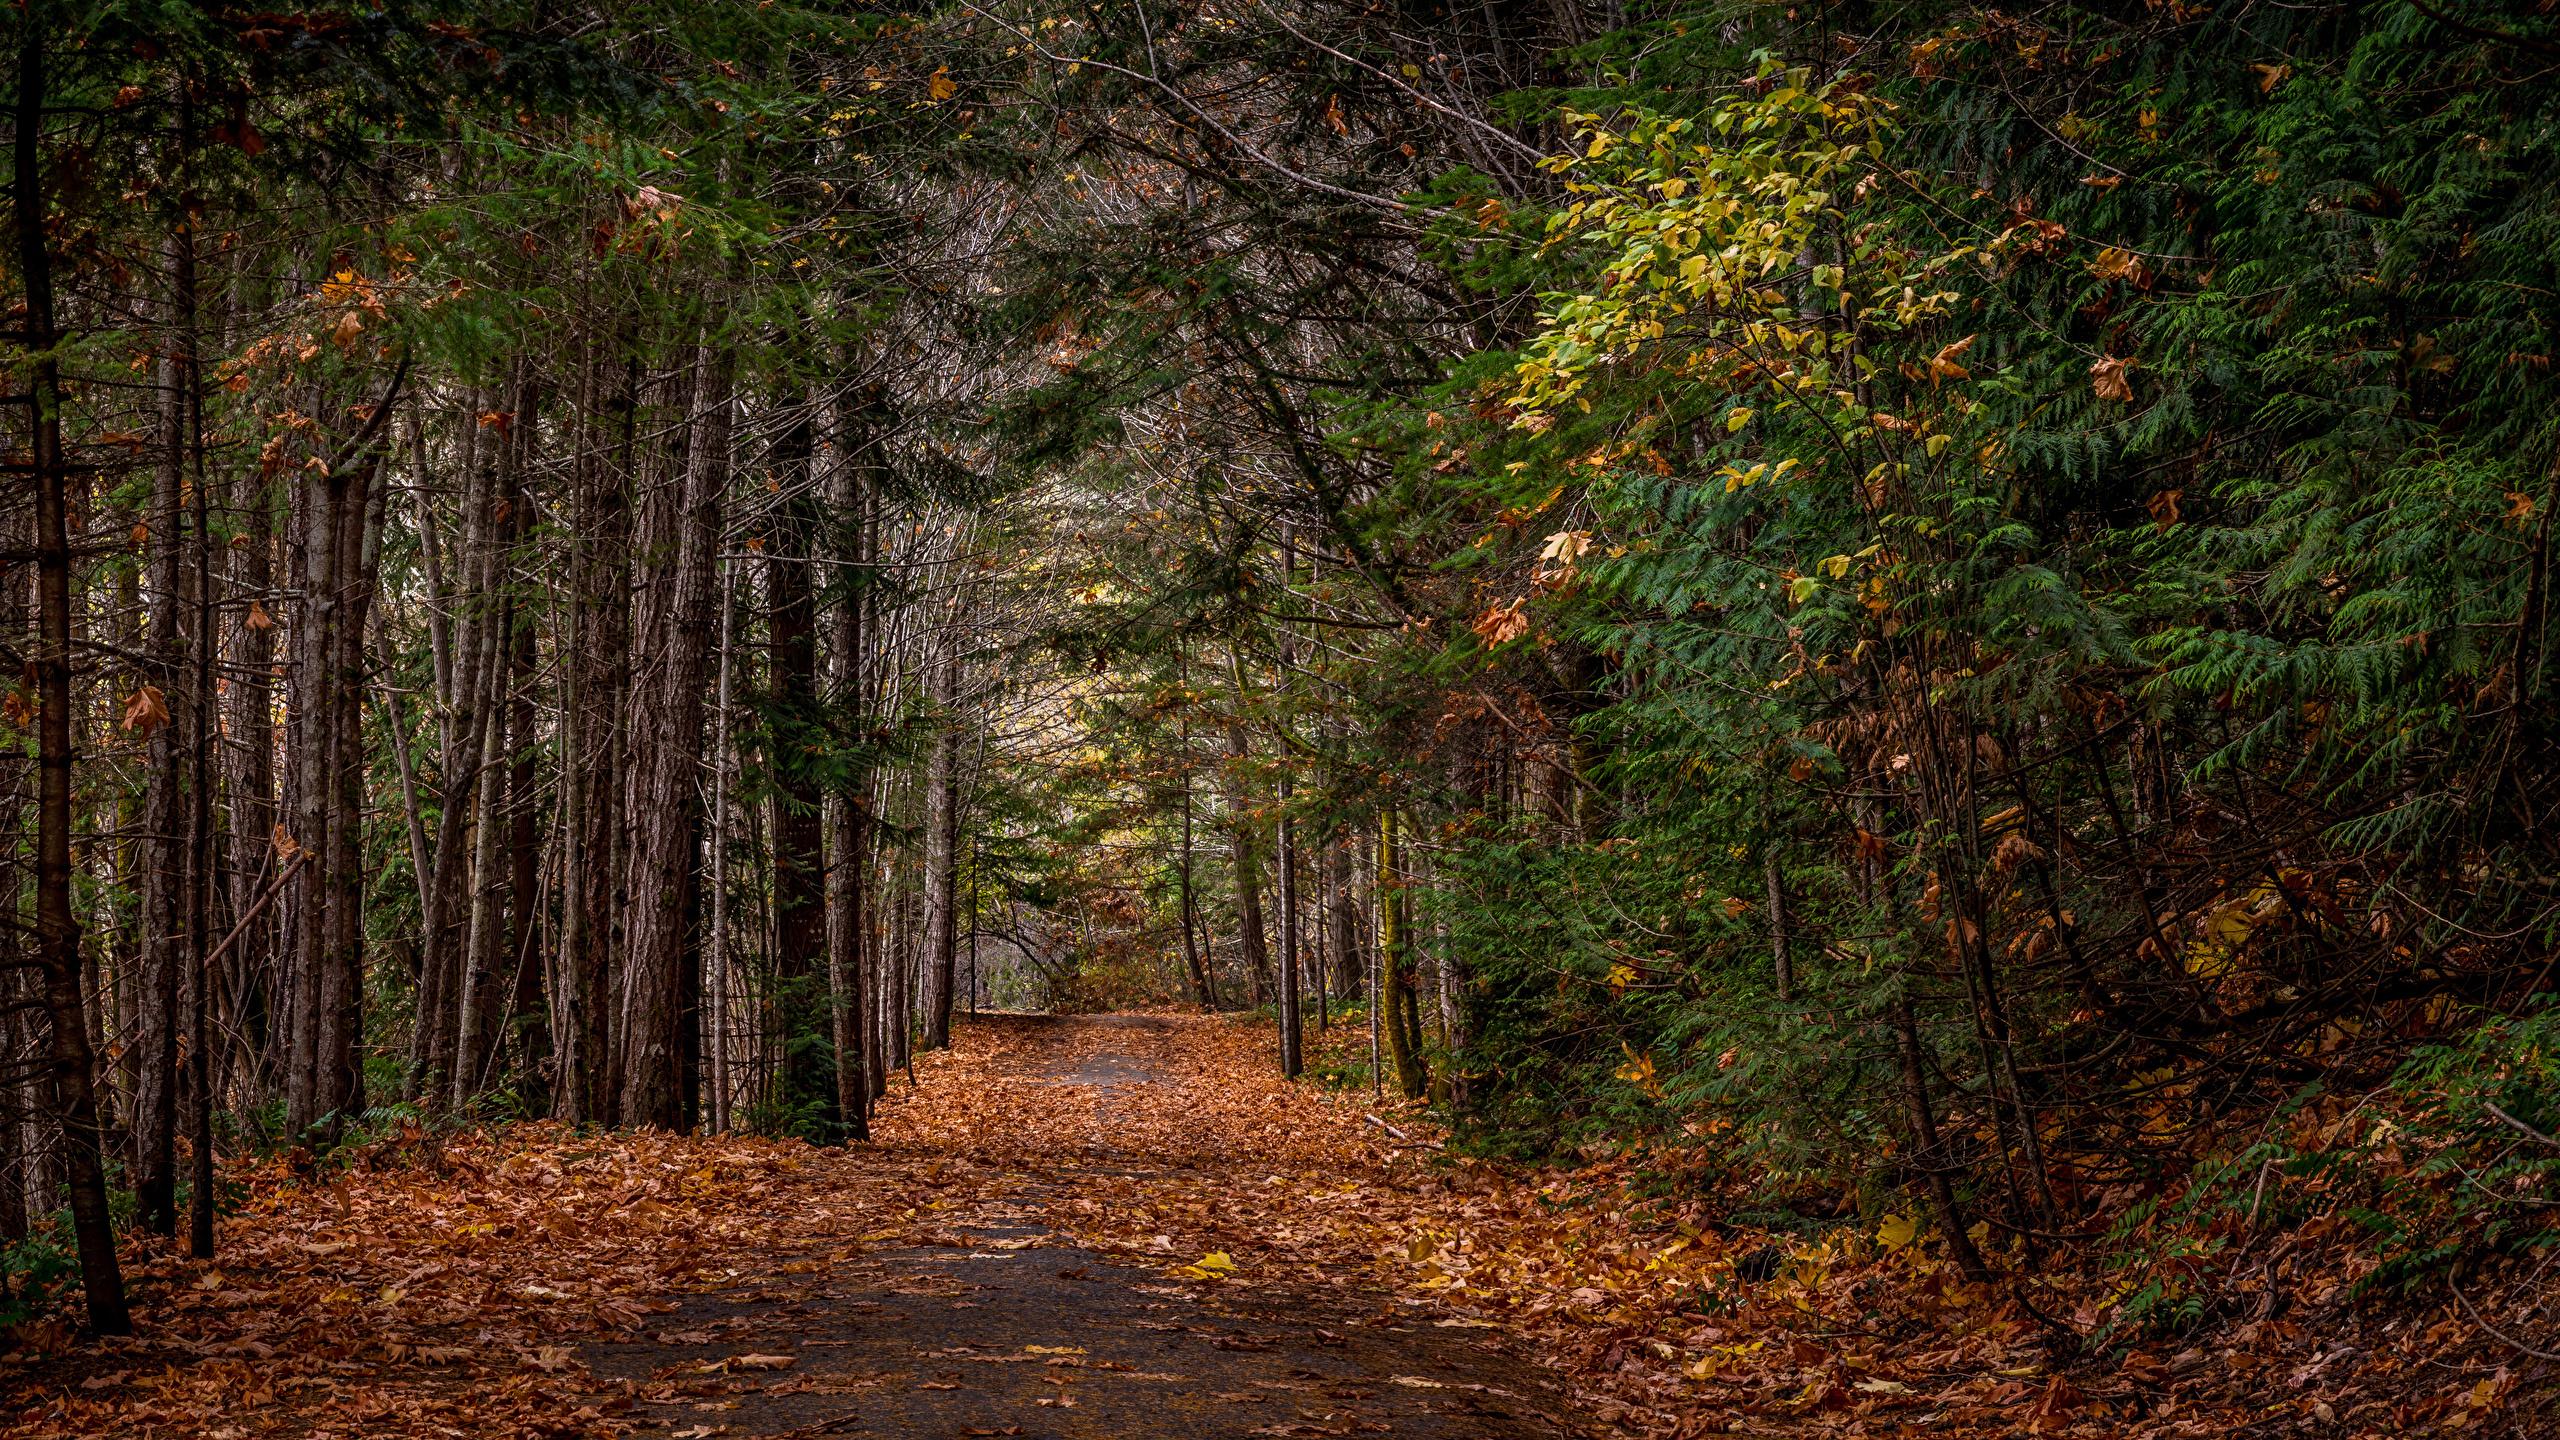 Фотография лист Осень Природа Леса Деревья 2560x1440 Листья Листва осенние лес дерево дерева деревьев